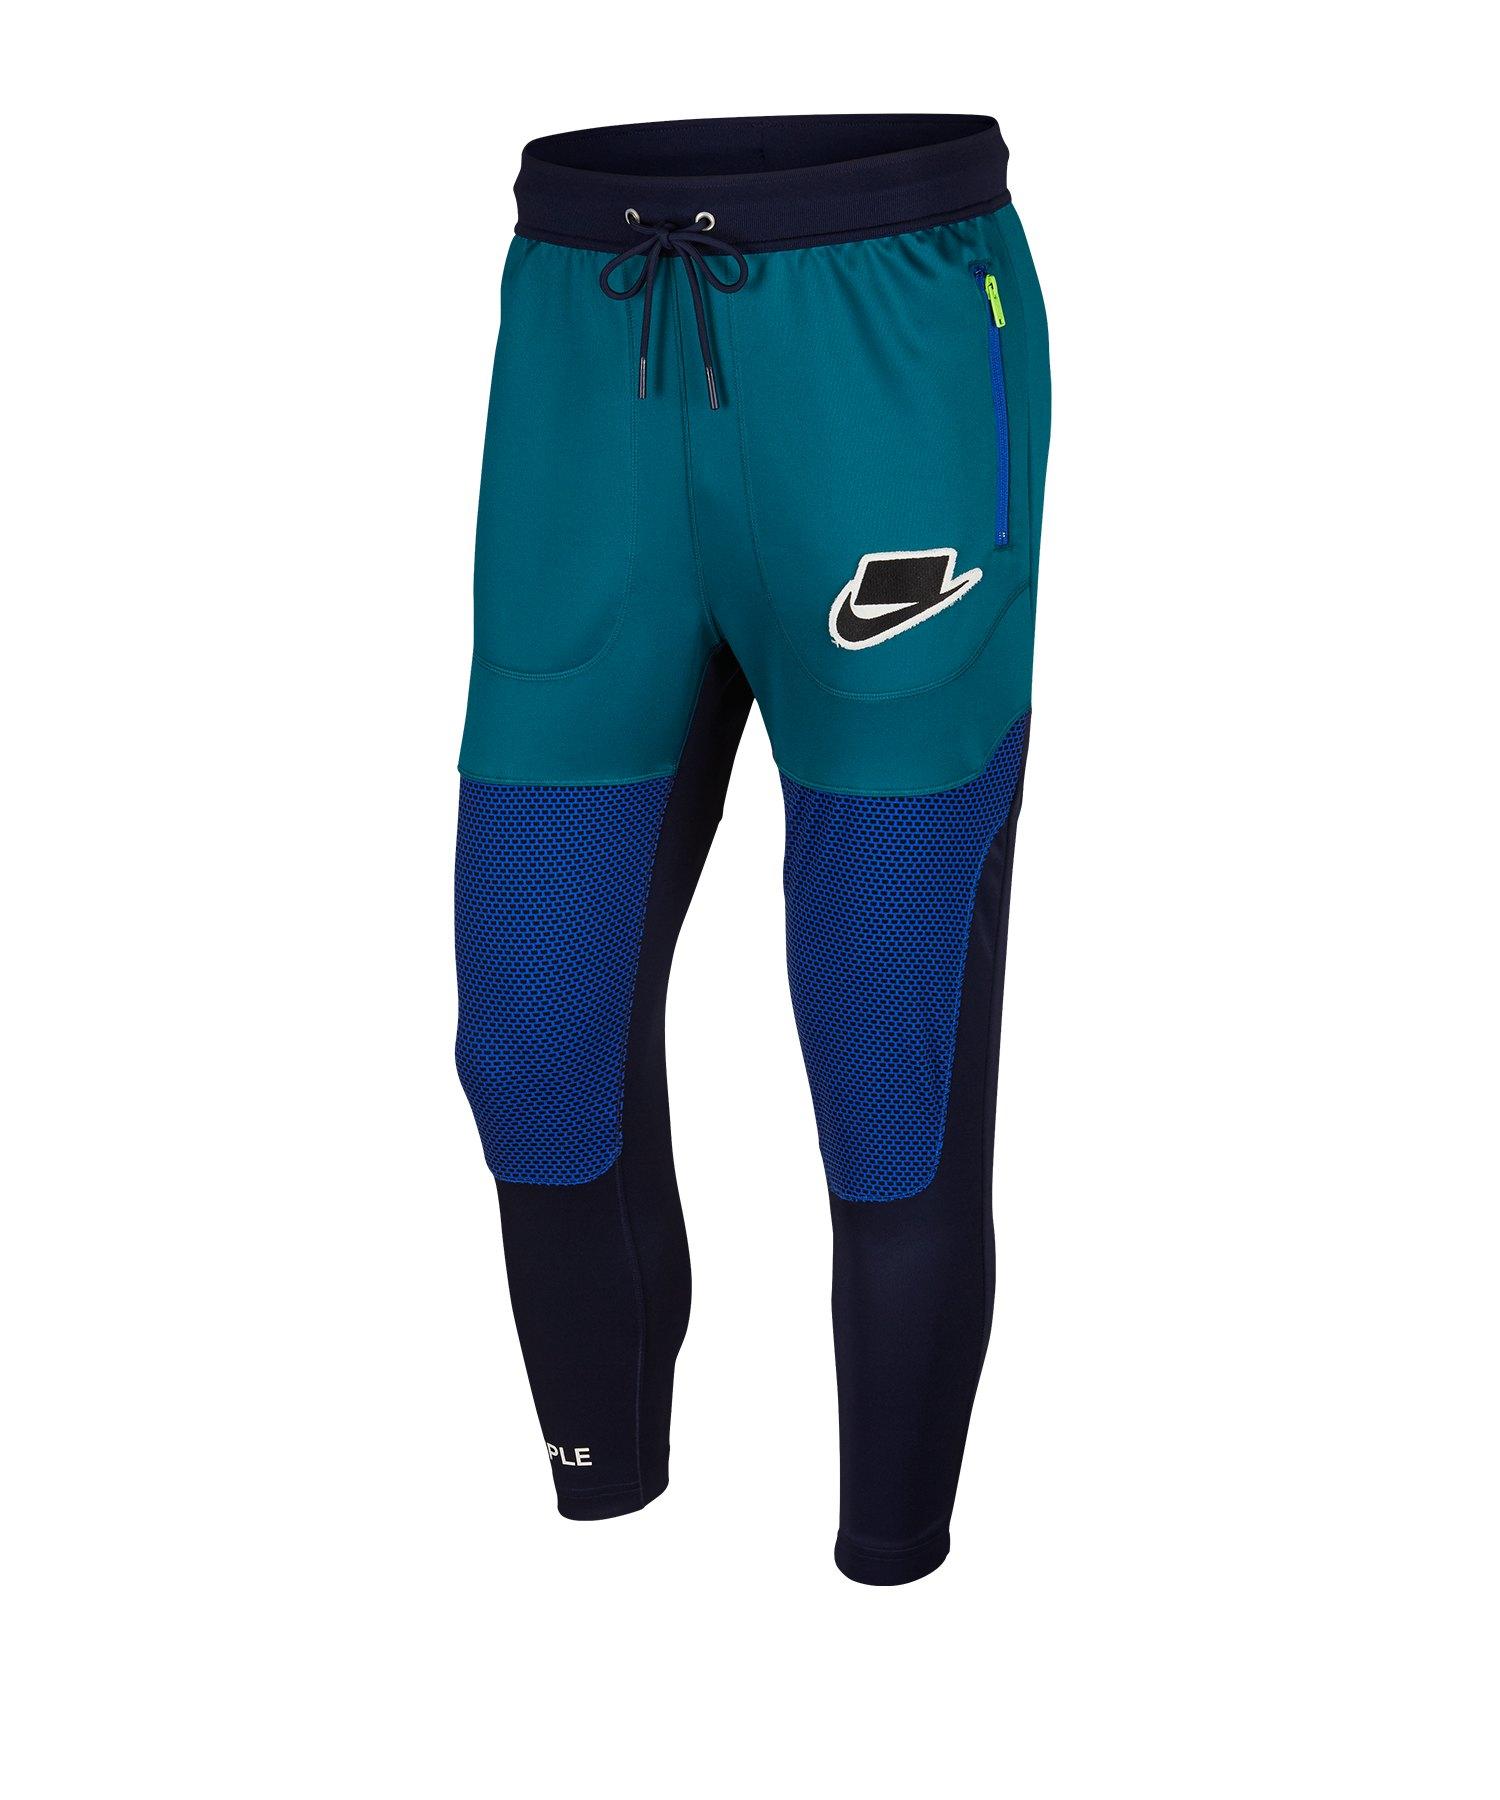 Nike Track Pants Trainingshose Grün F381 - gruen